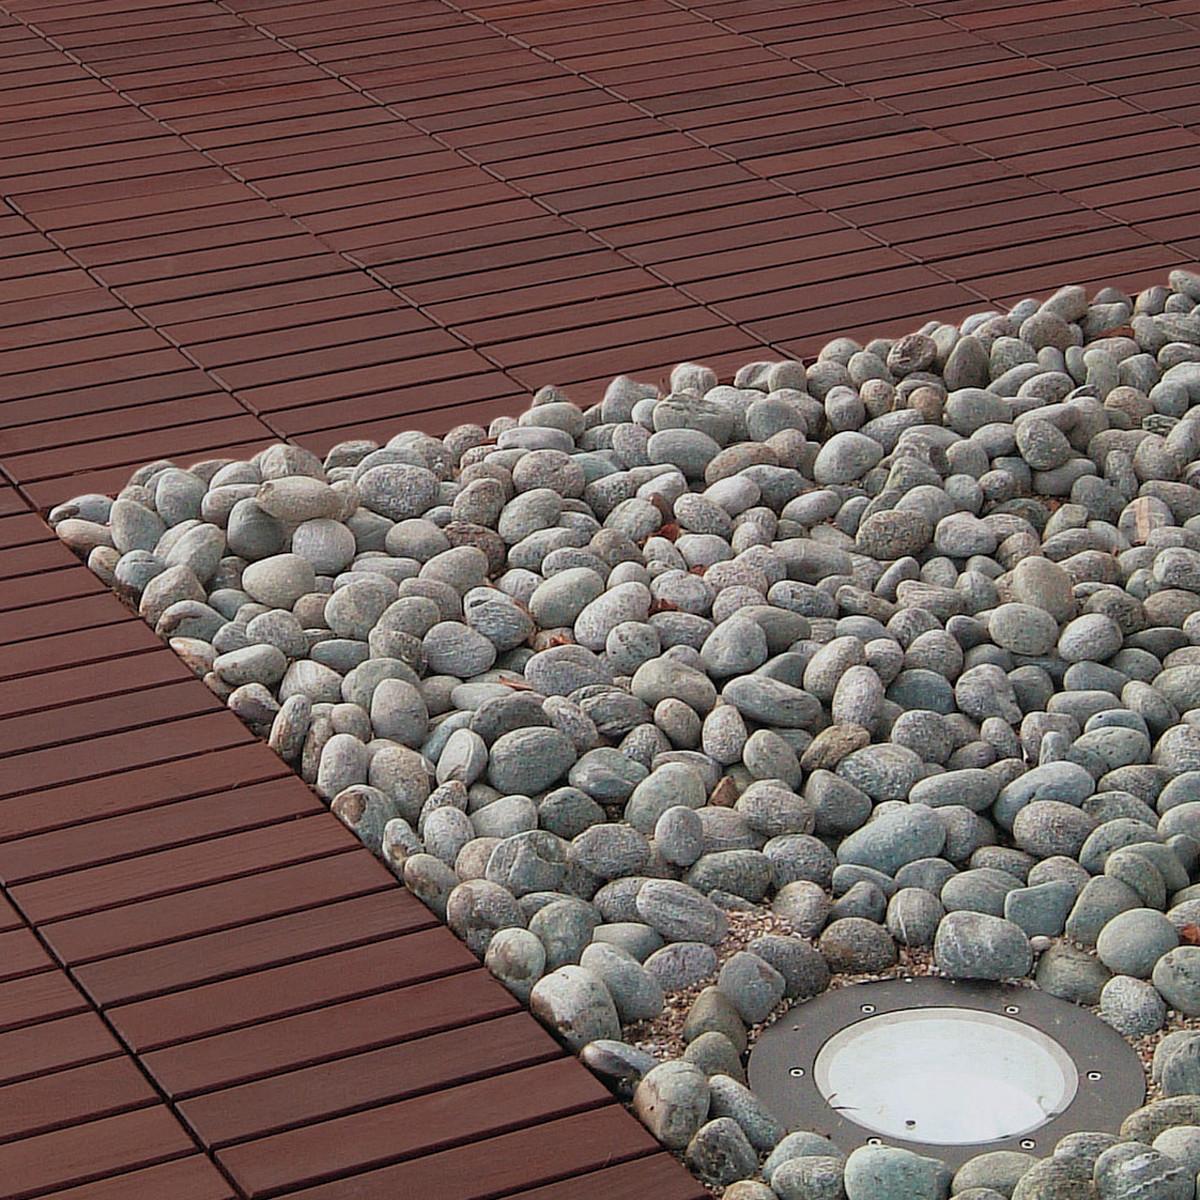 Giardino prezzi decorare il giardino con i sassi foto for Fodere per sedie leroy merlin